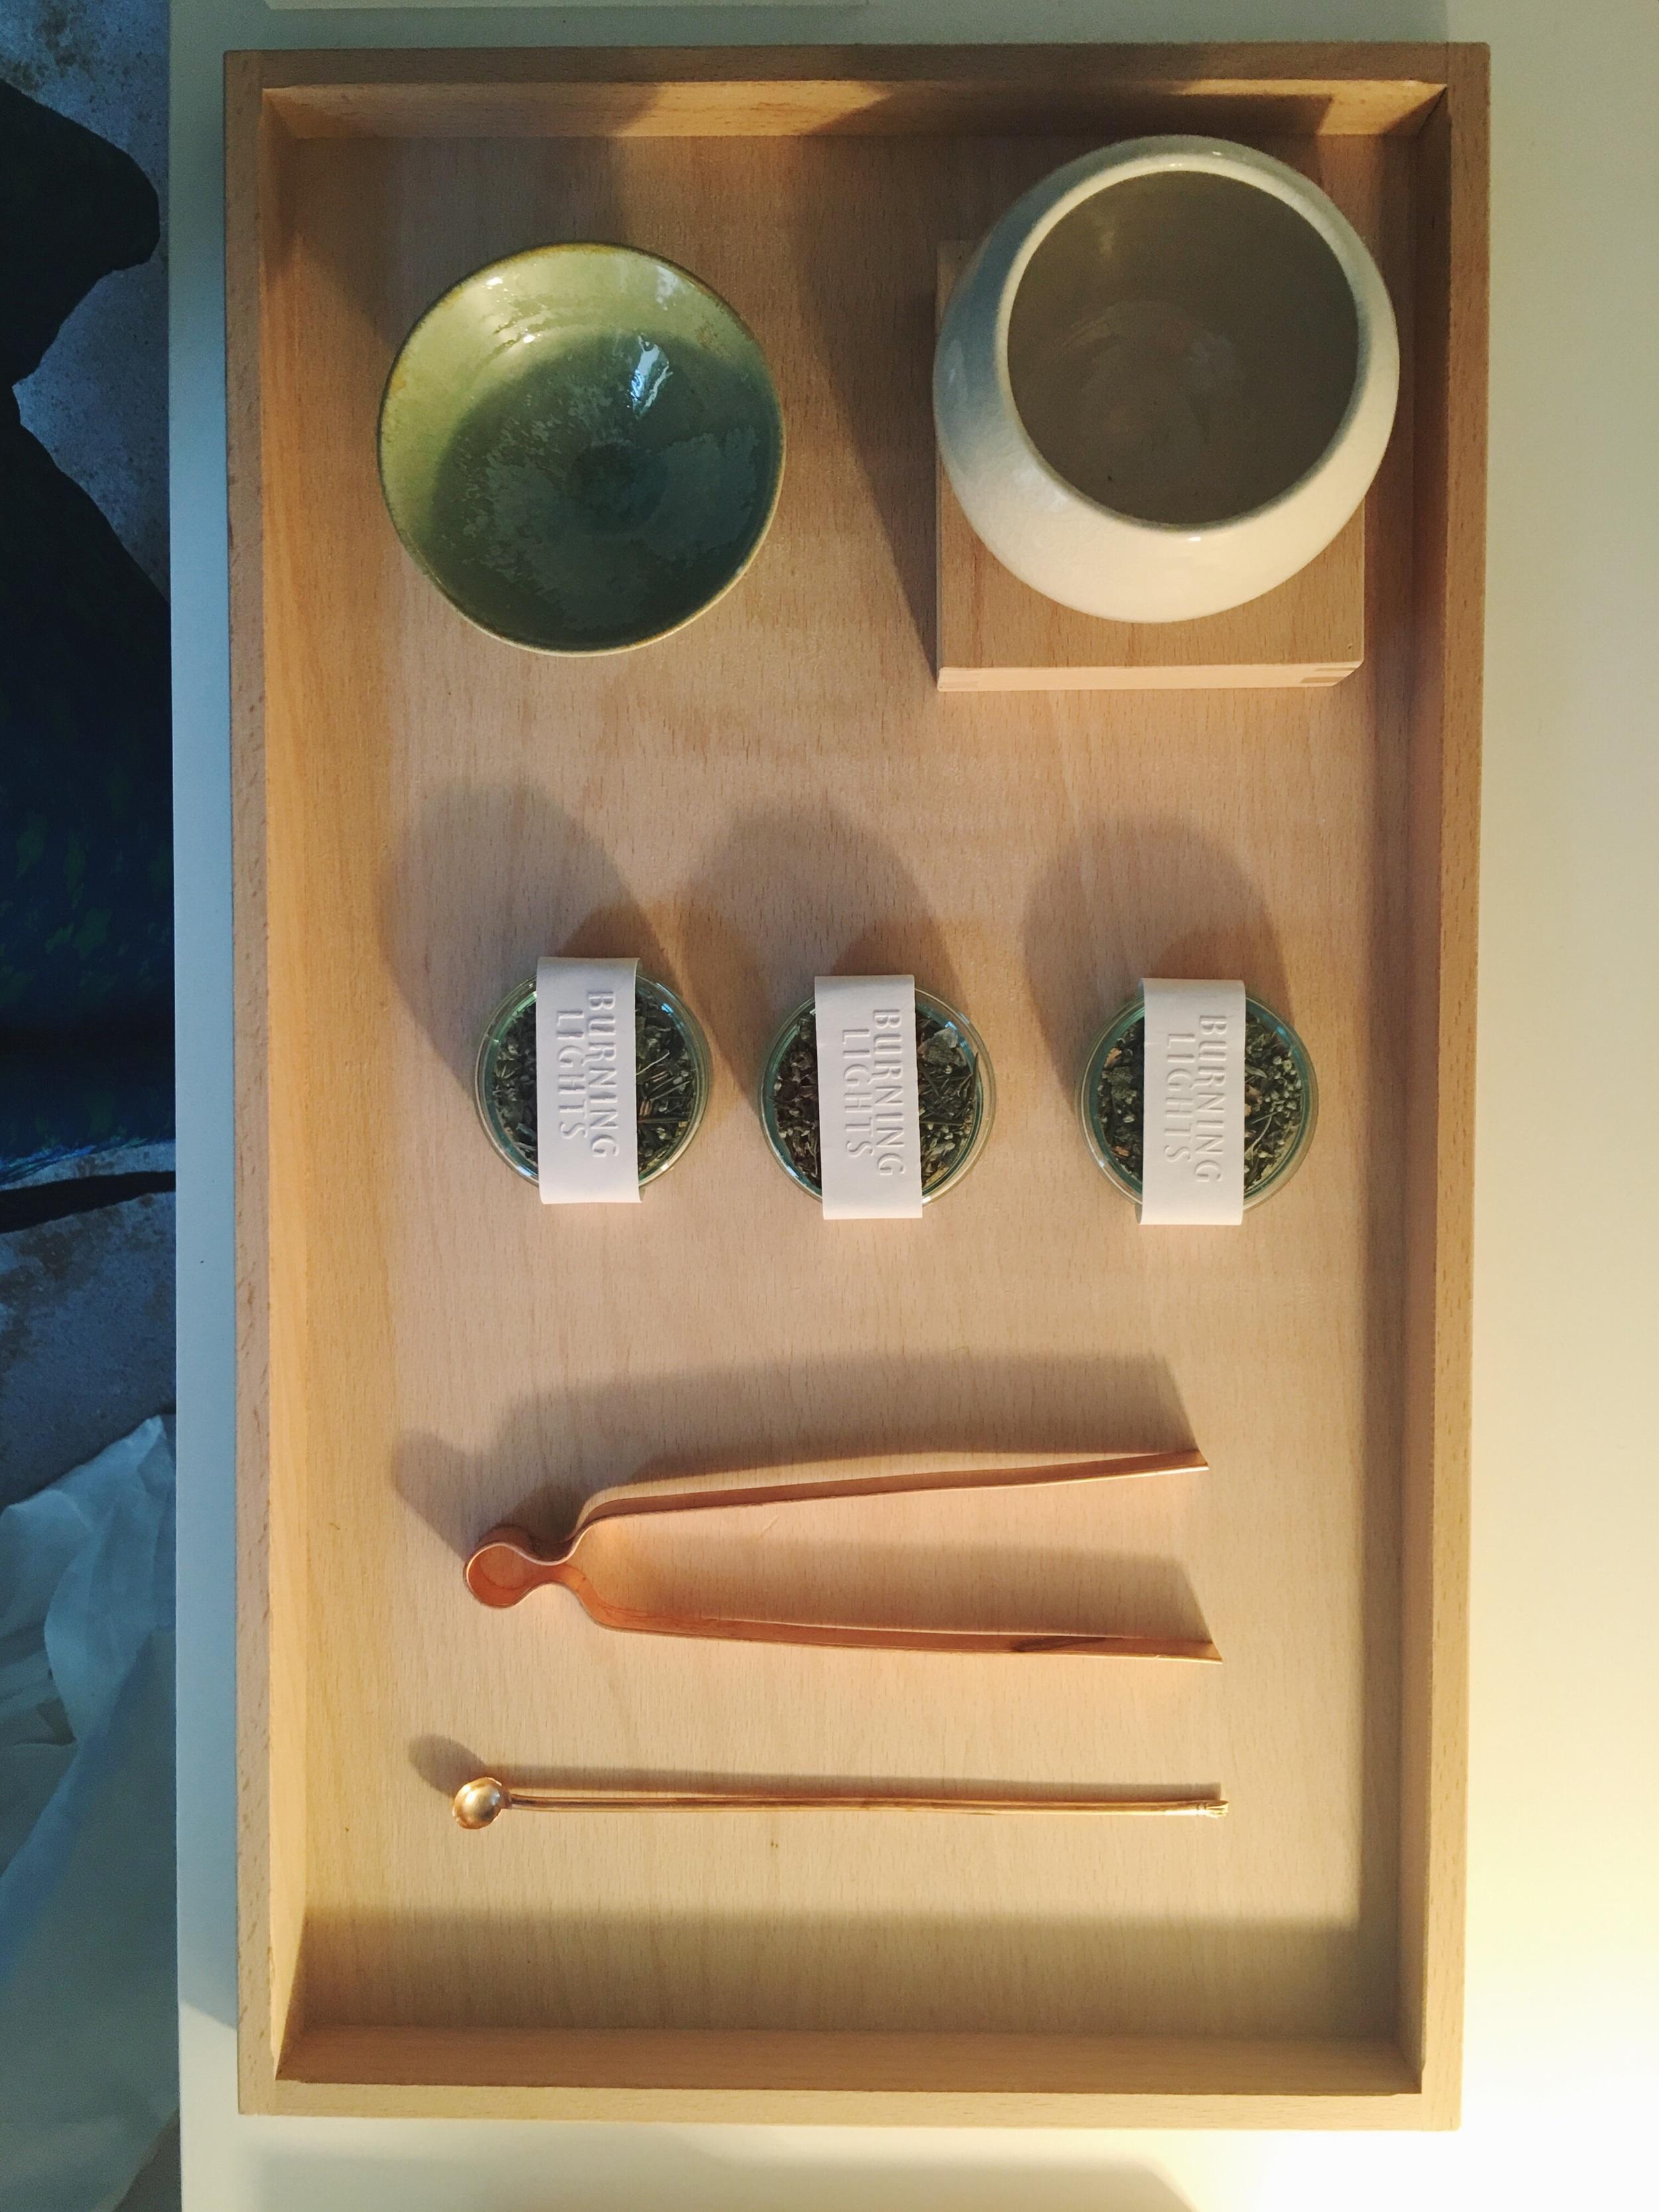 Räucherwaren und Zubehör